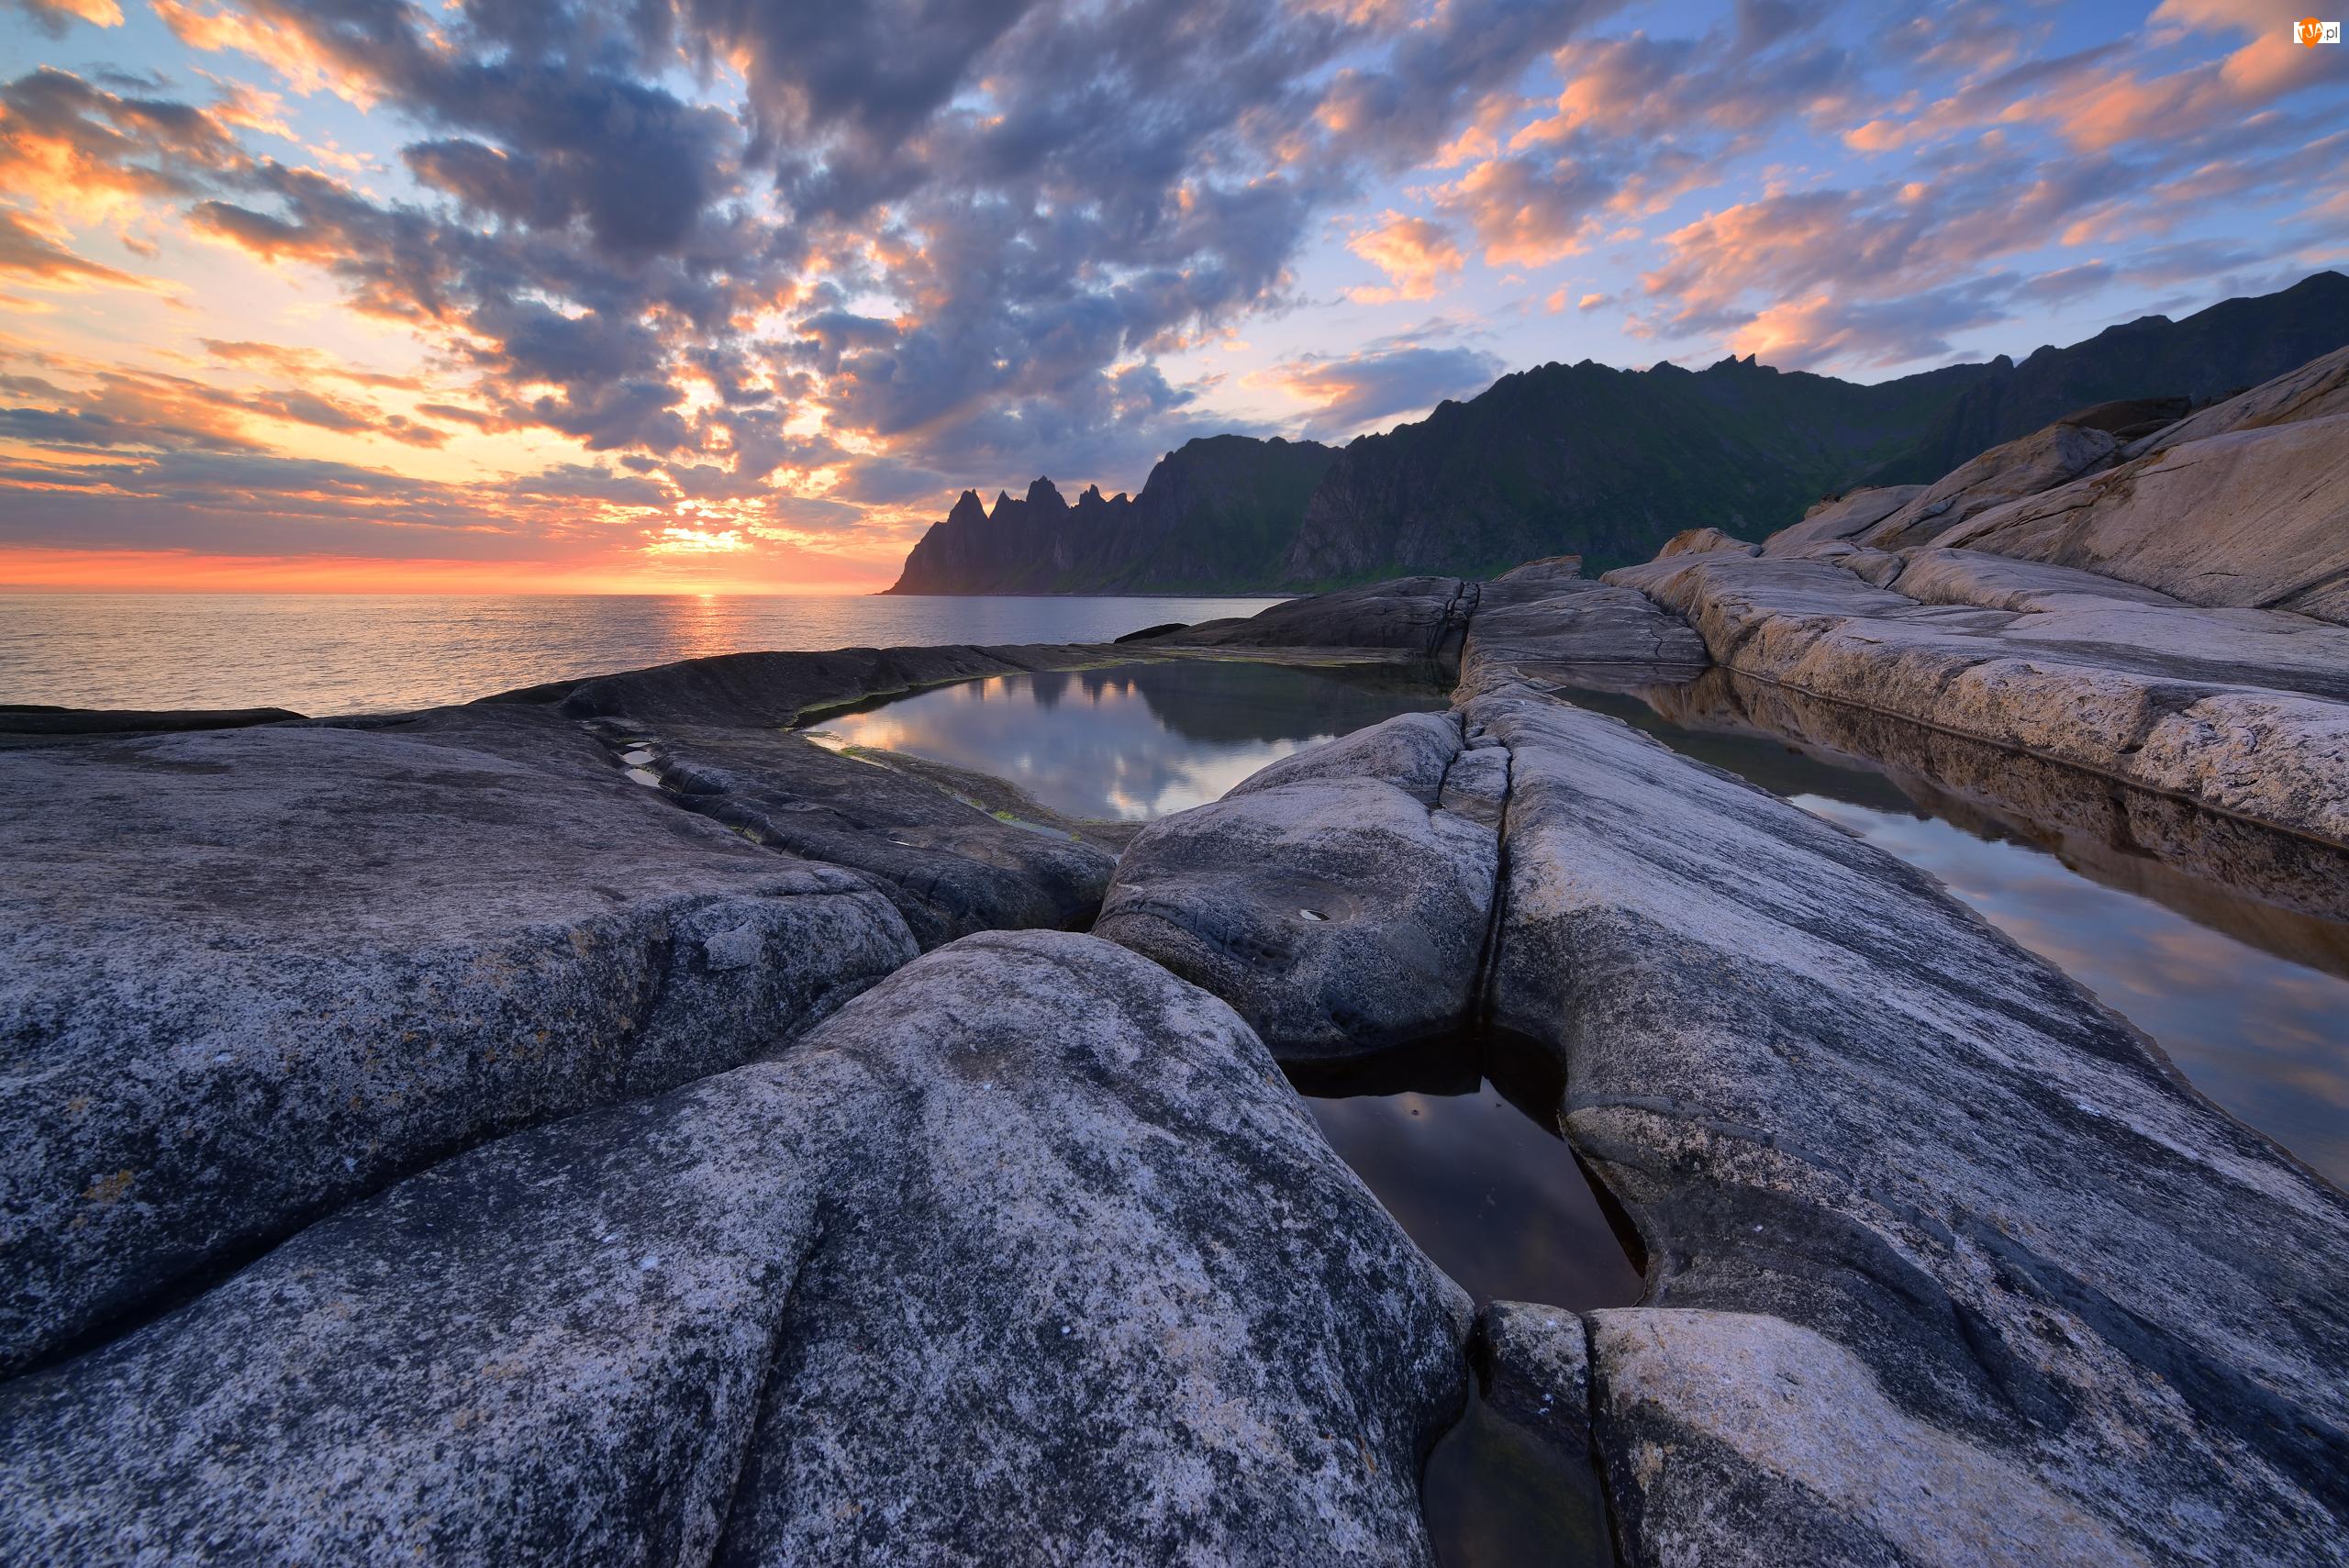 Morze Północne, Zachód słońca, Tungeneset, Norwegia, Skały, Wyspa Senja